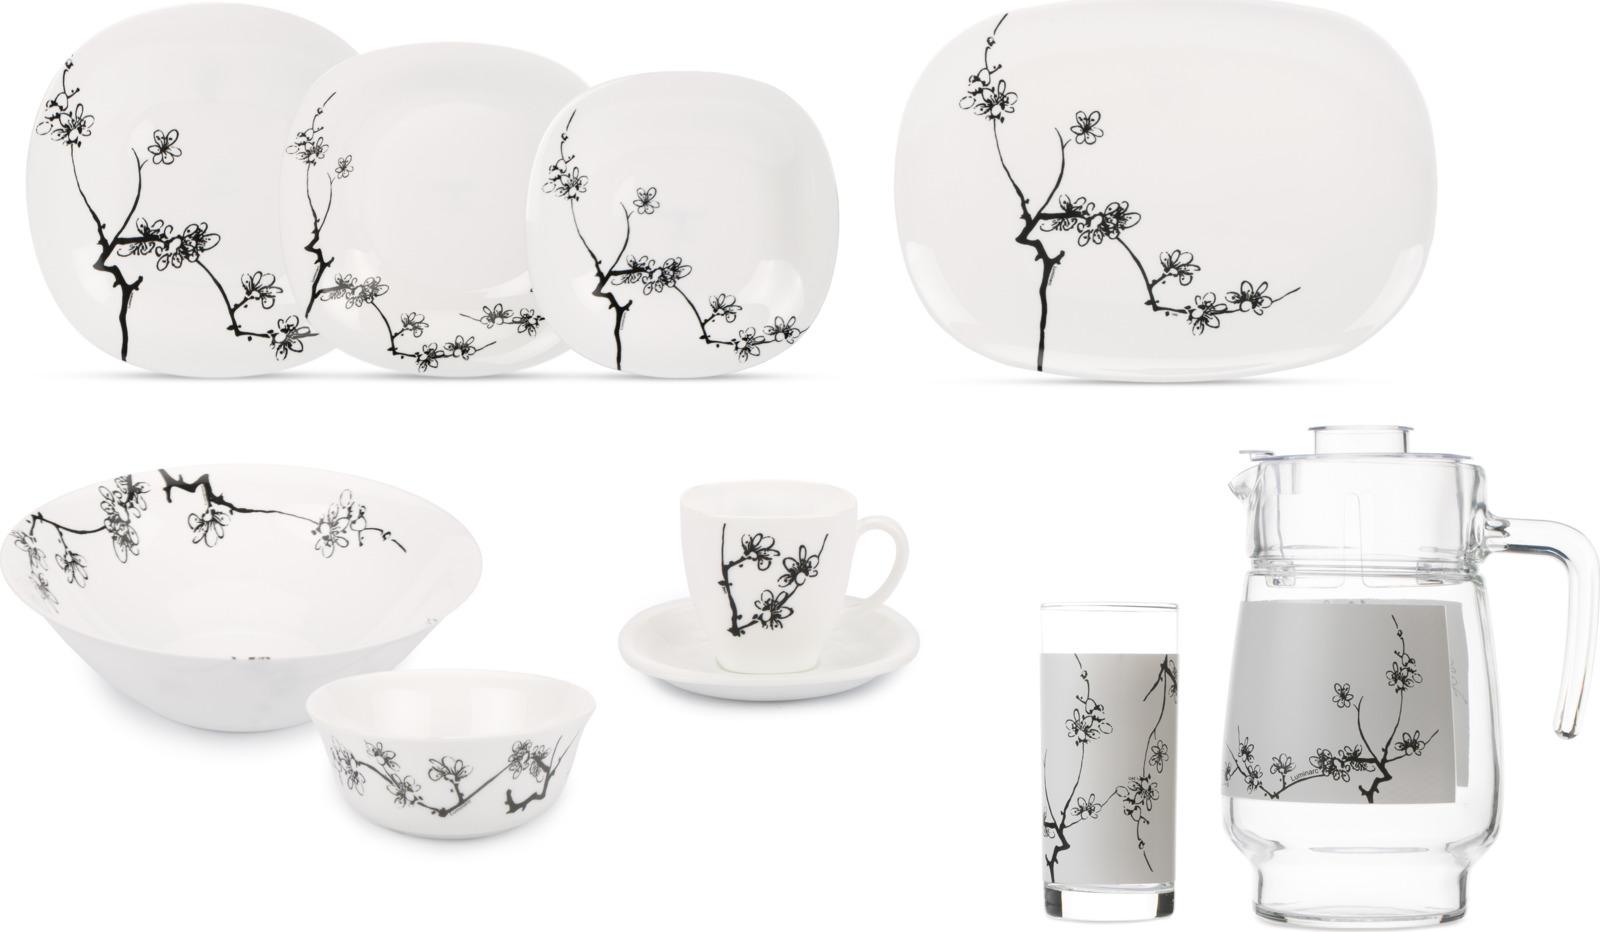 Набор столовой посуды Luminarc Карин Минг Блэк, N8588, черный набор столовой посуды luminarc нью карин n2955 белый черный